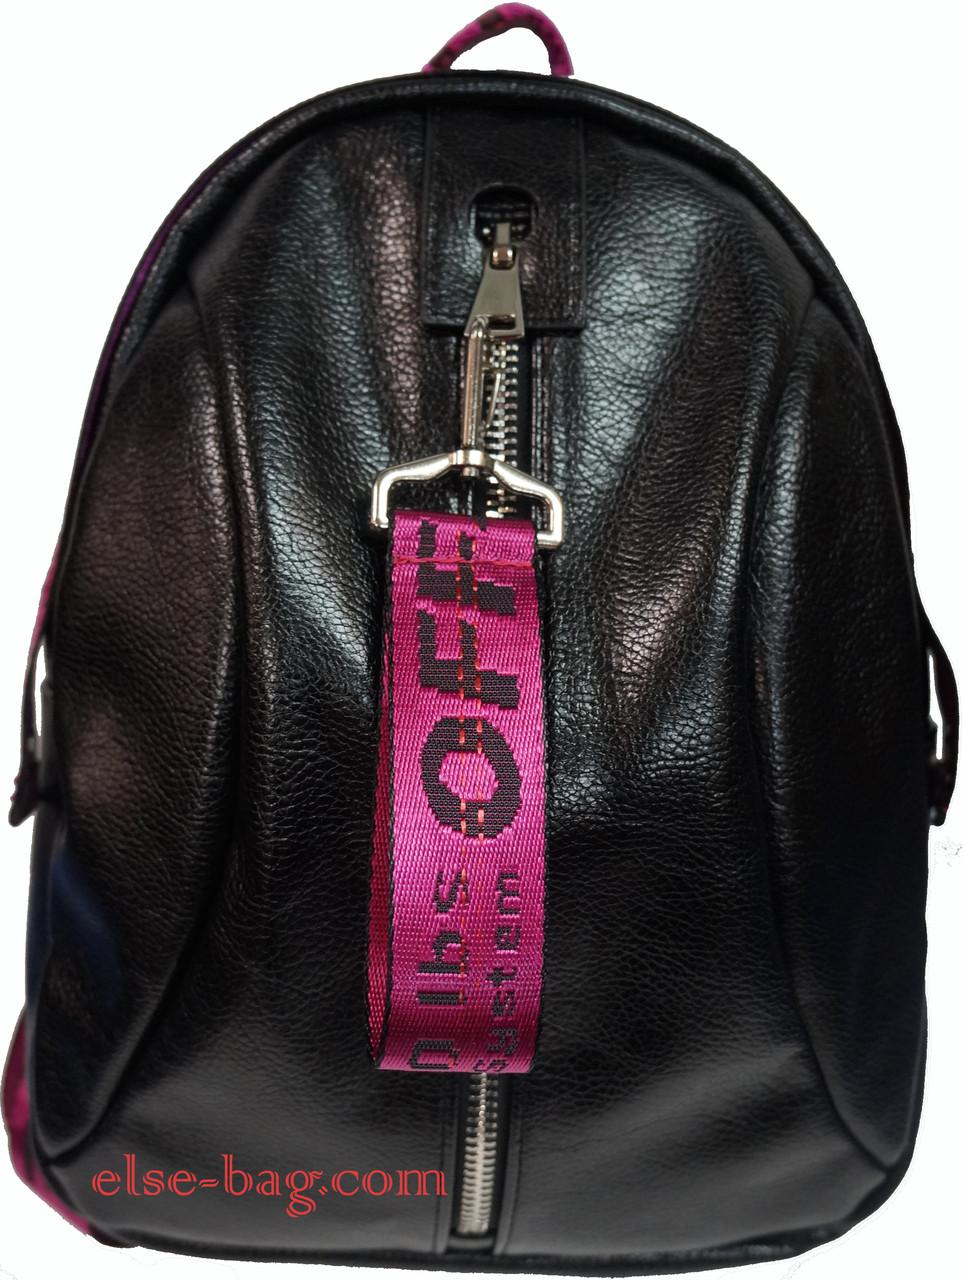 Тц цветной рюкзаки снаряжение рюкзаки фараон сайт